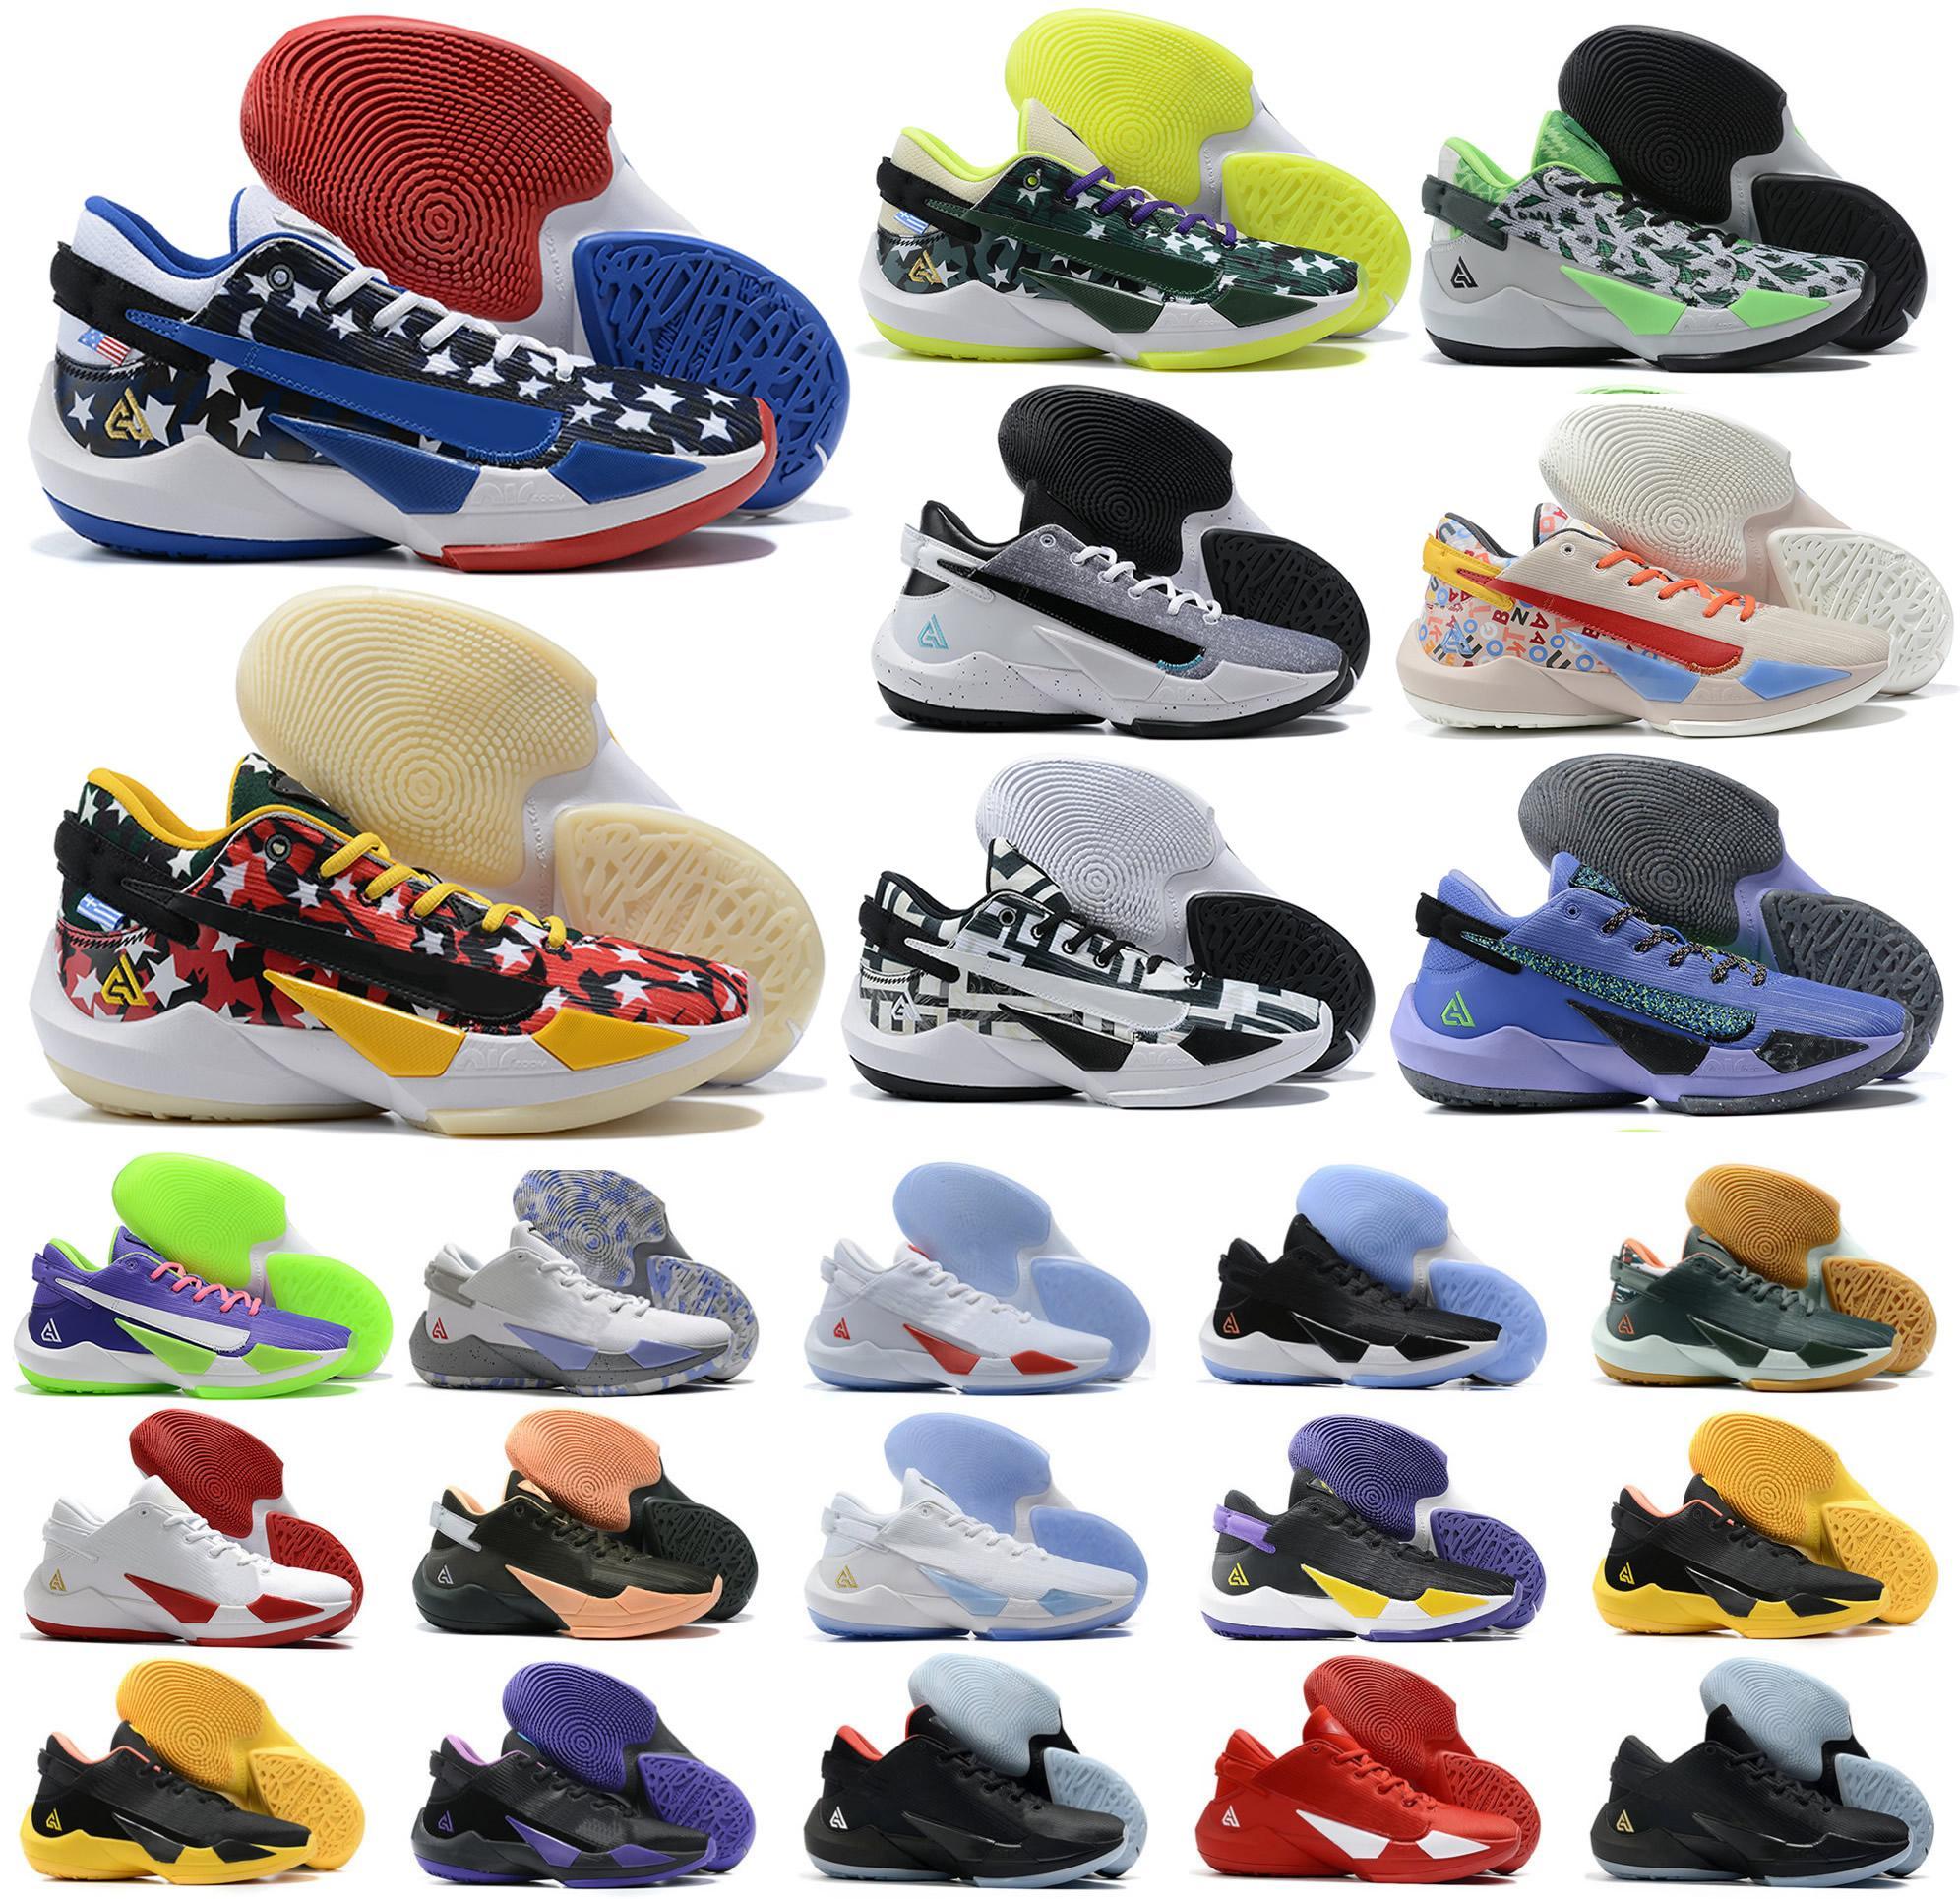 Giannis Antetokounmpo Yunan Freak 2 GA II II Basketbol Ayakkabısı 2 S GA2 Amerikan Sporları Kendi Şansınızı Yapın Siz Ayakkabı Sneakers Beden US7-12